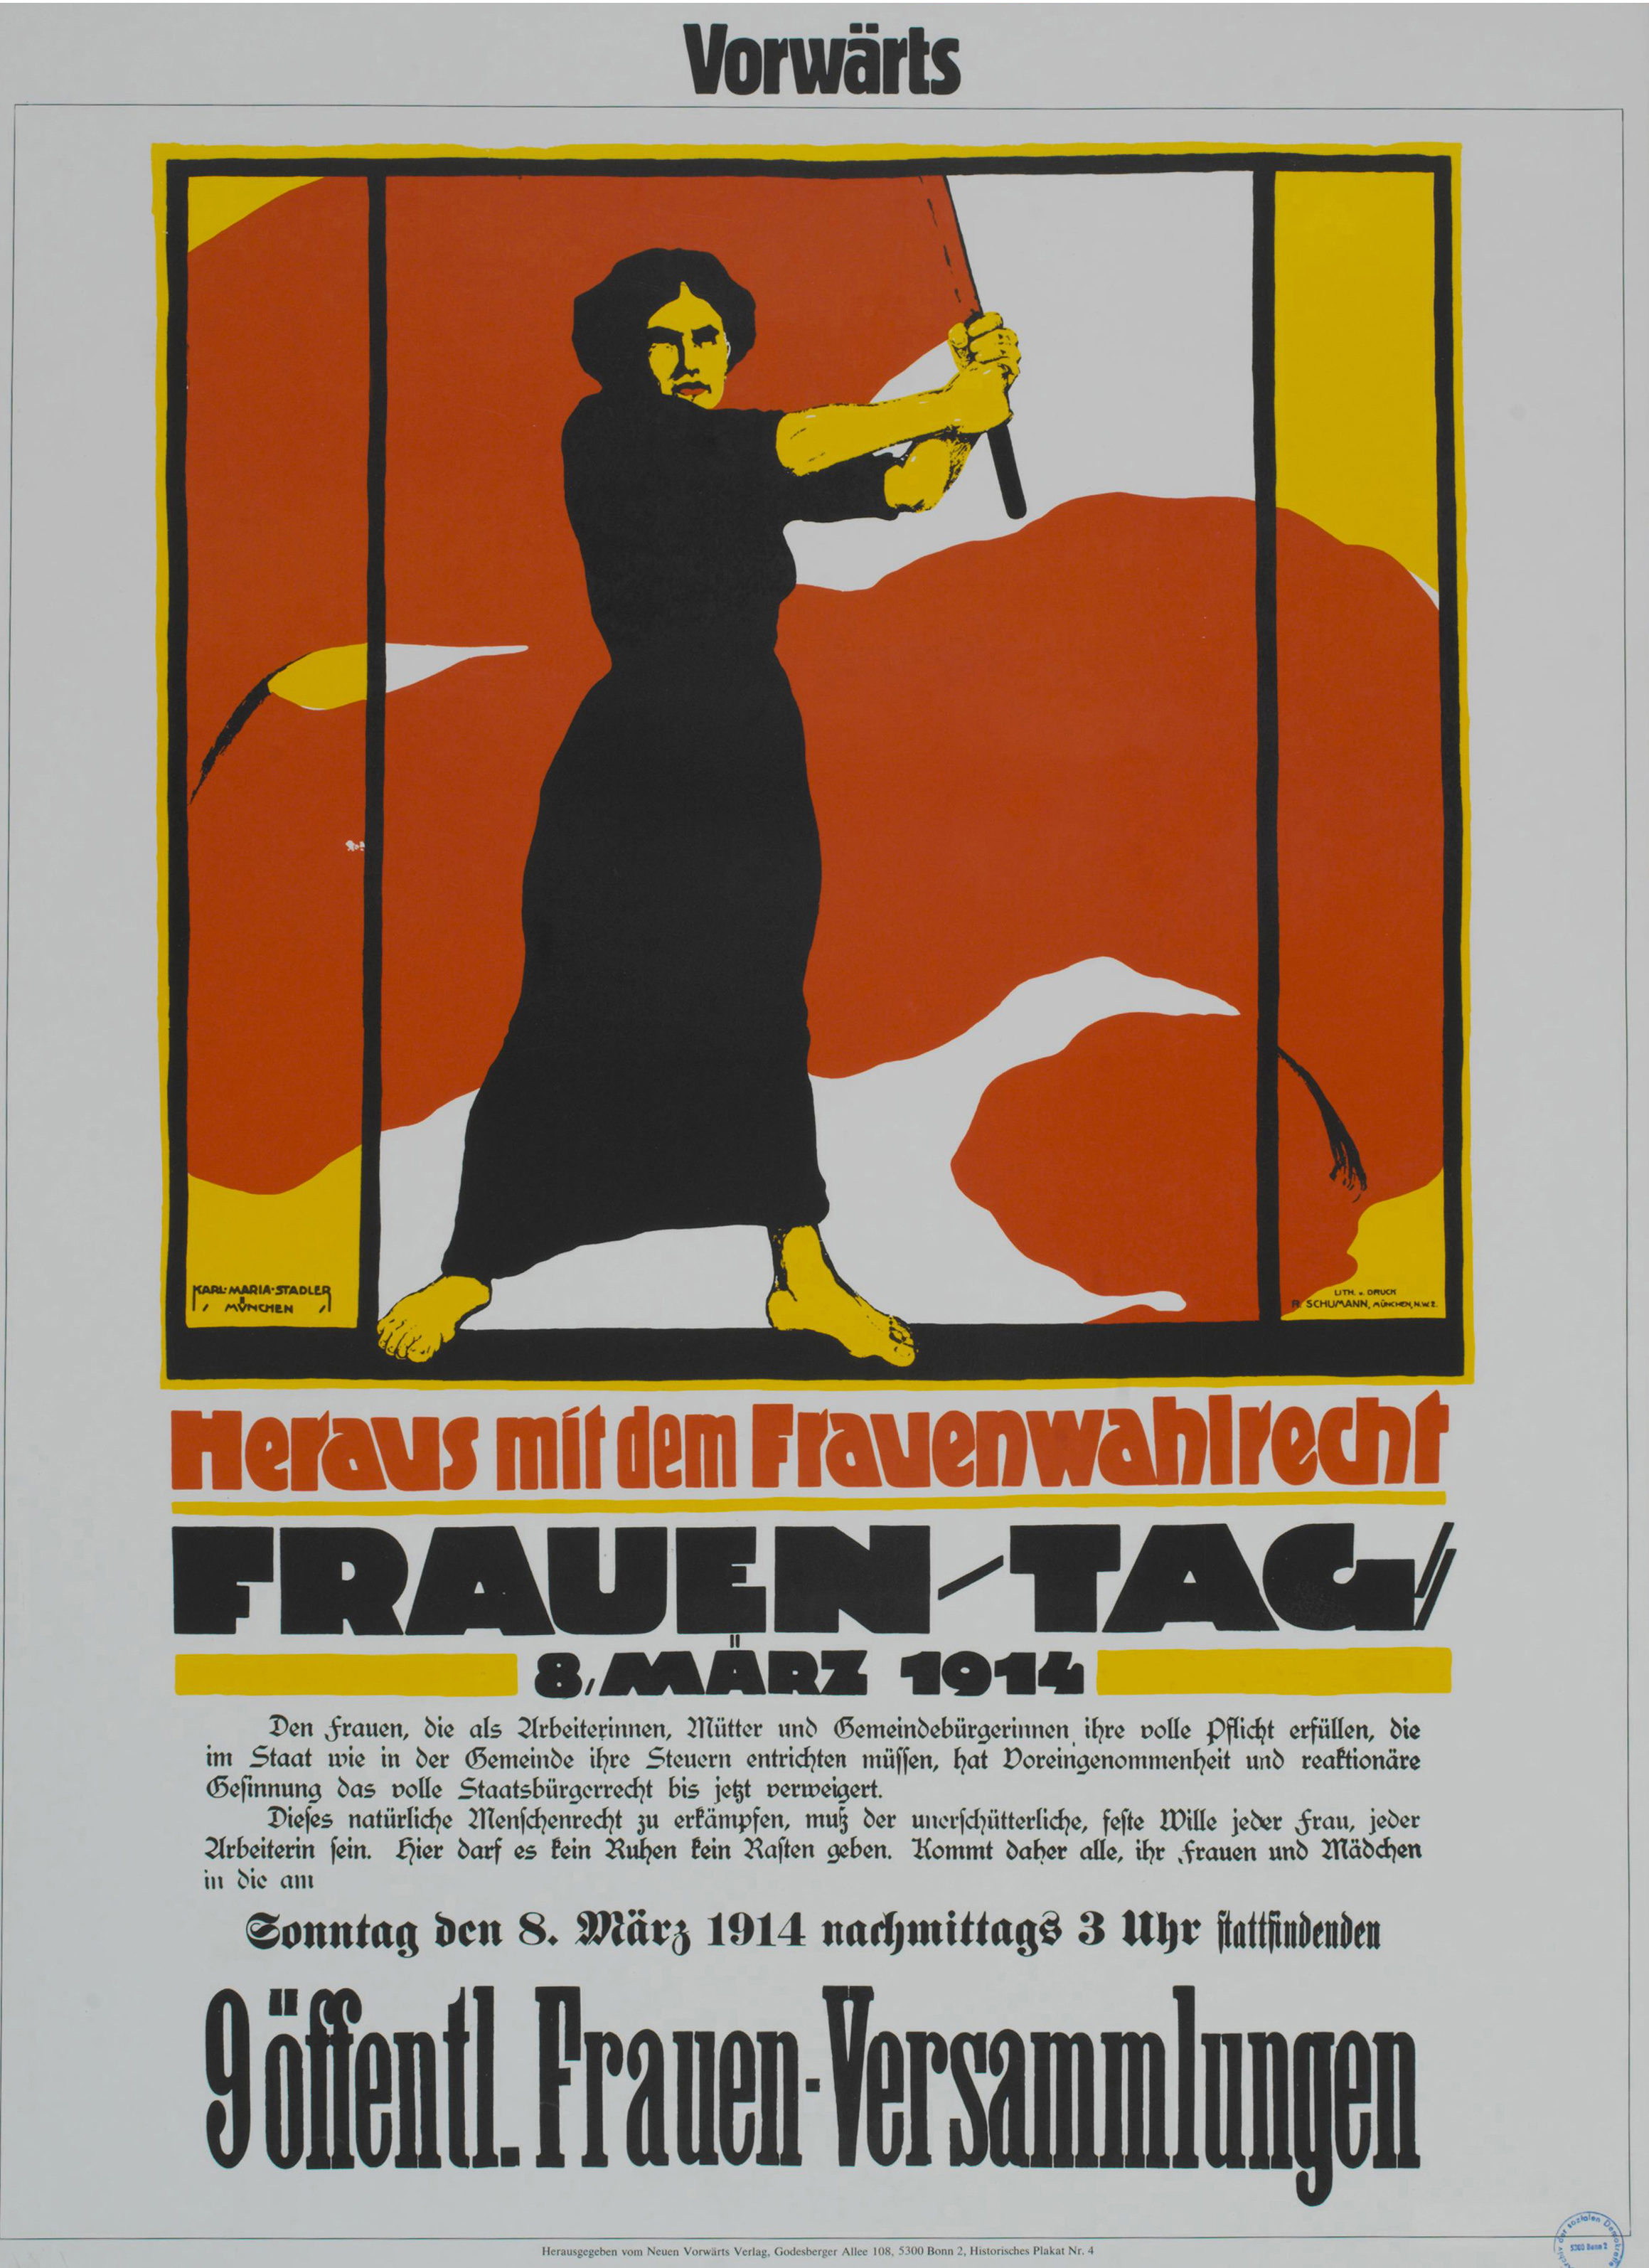 Für gleiche Rechte bei gleichen Pflichten! SPD-Plakat zum Internationalen Frauentag am 8. März 1914. Quelle: Archiv der sozialen Demokratie der Friedrich-Ebert-Stiftung.